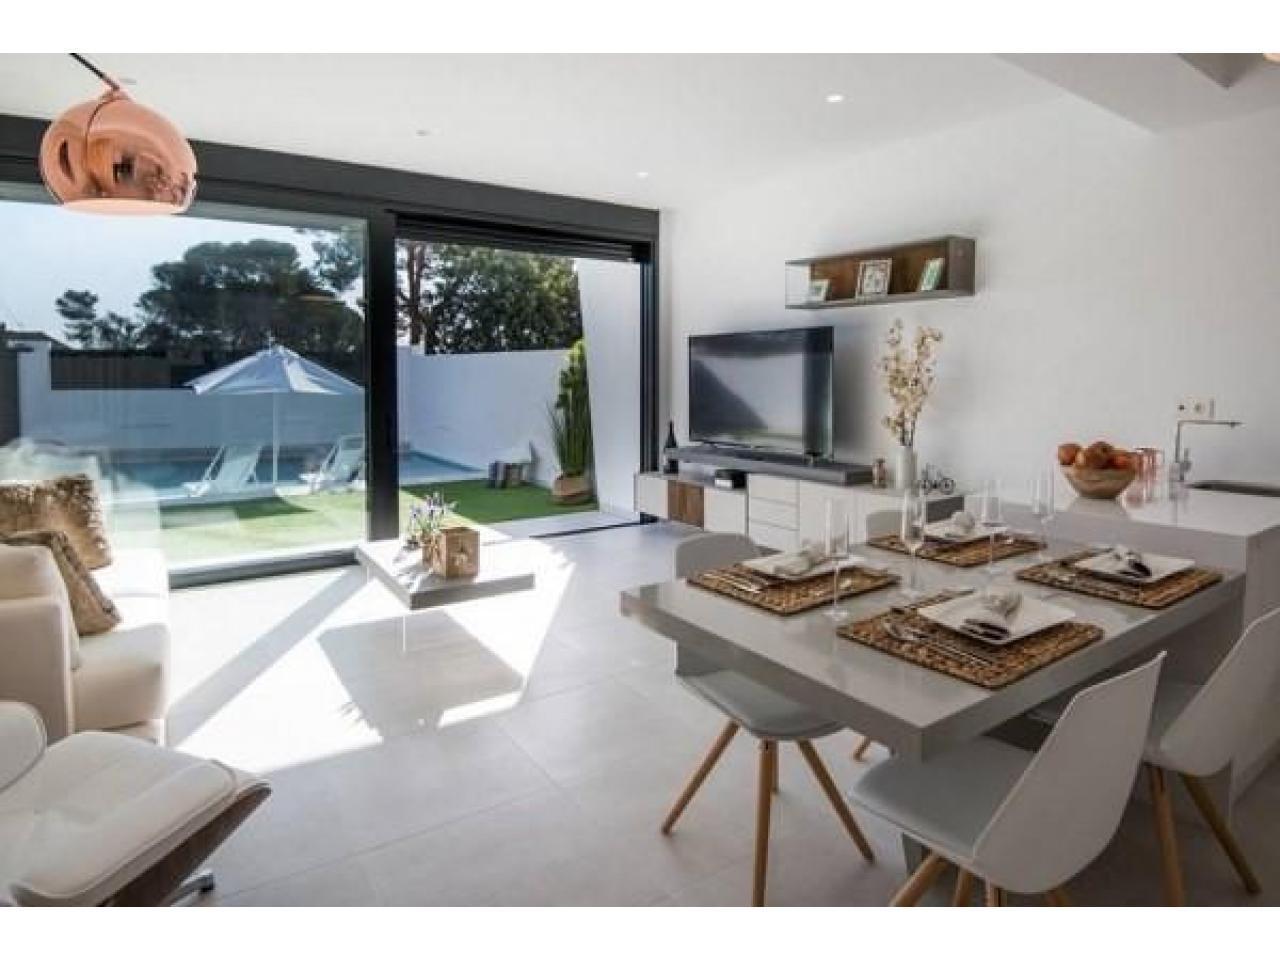 Недвижимость в Испании, Новая вилла рядом с пляжем от застройщика в Сан-Хавьер - 2